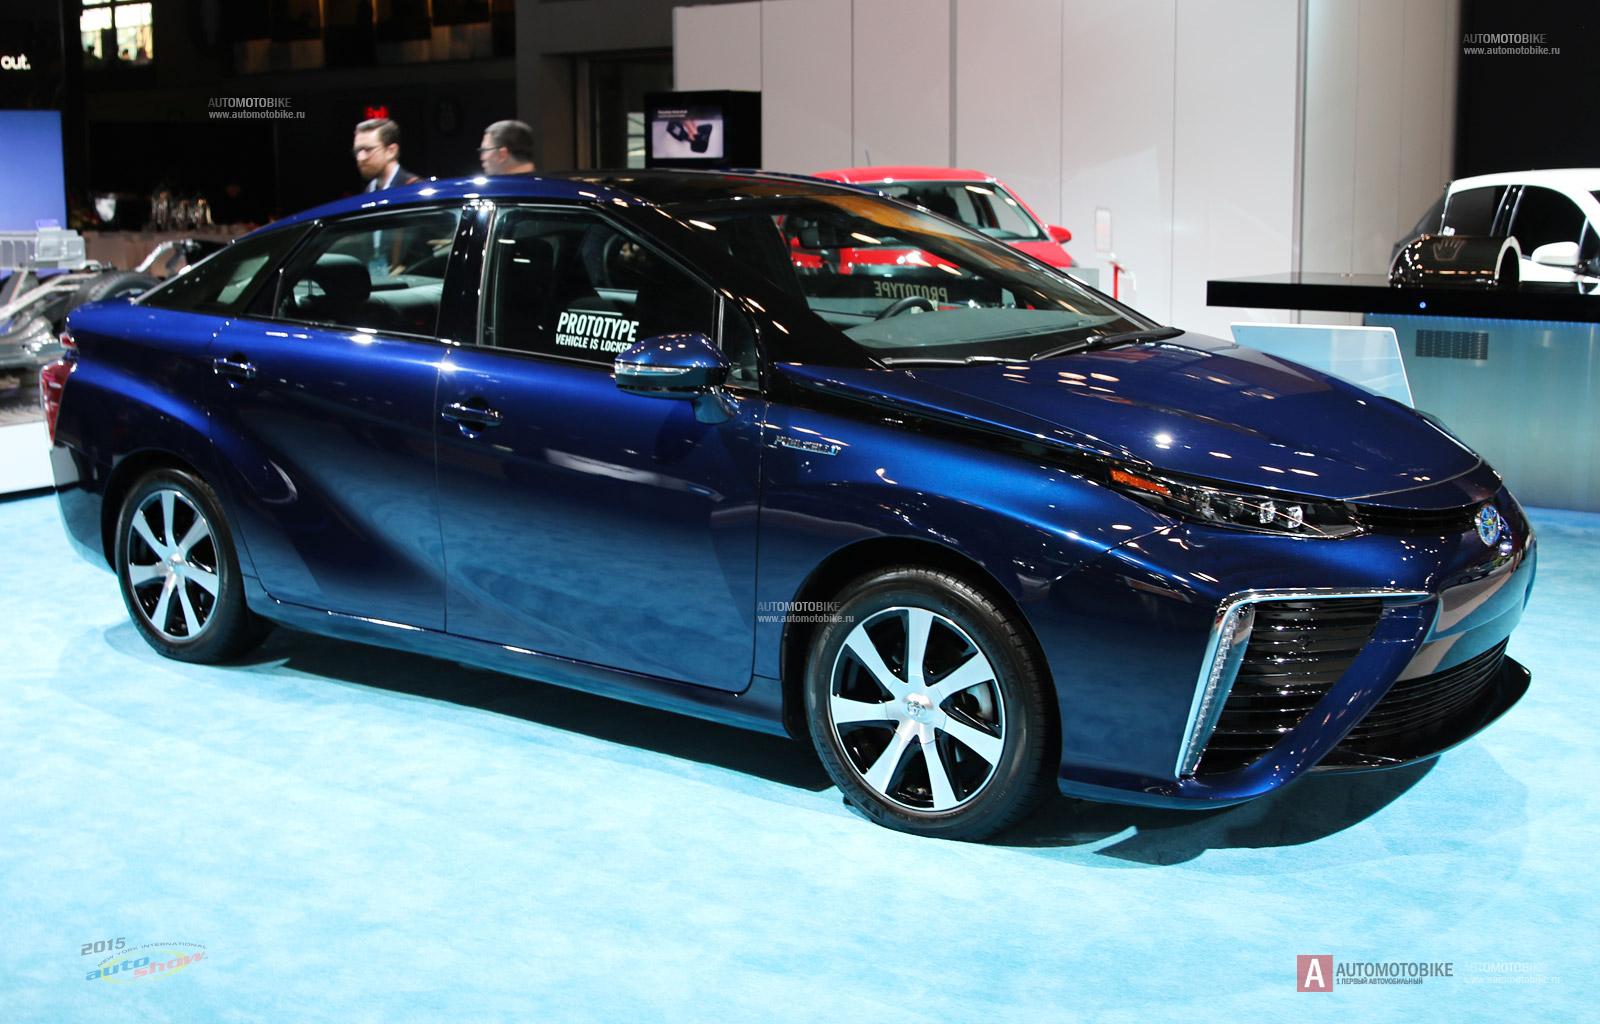 2015 Toyota Mirai обзор водородного автомобиля на автосалоне в Нью Йорке 2015 года. Автопортал Автомотобайк - обзор автомобилей